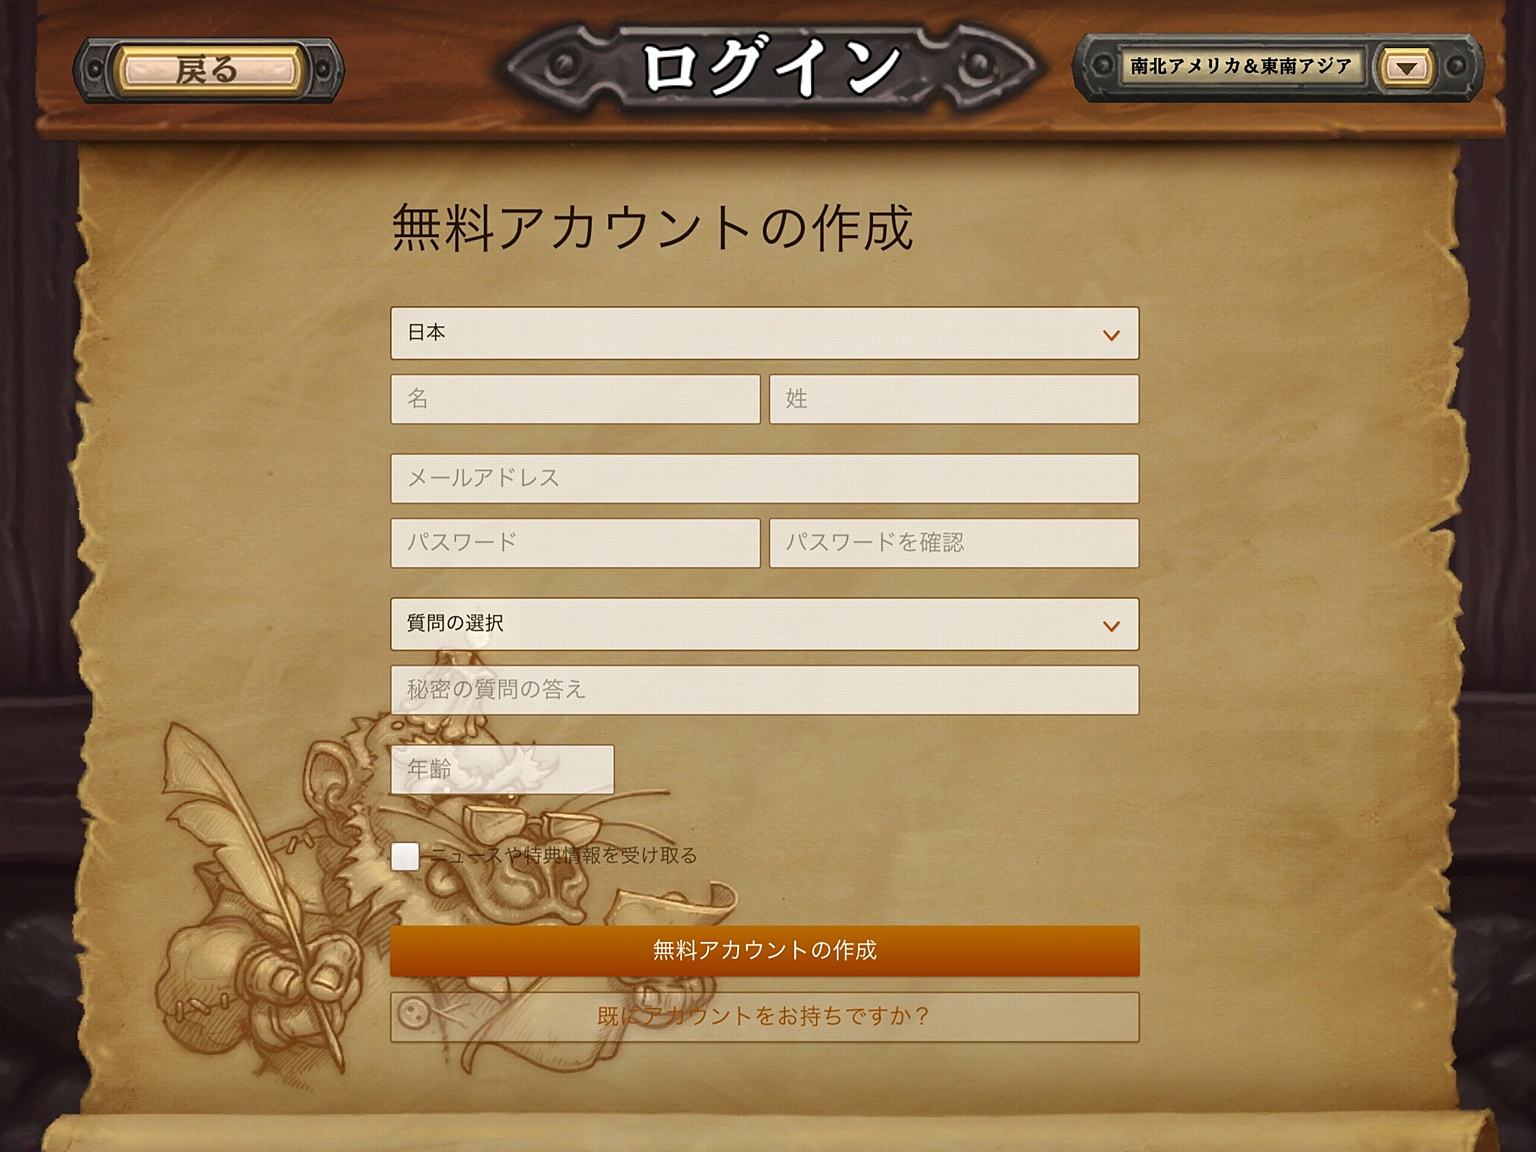 タブレット版 アカウント登録画面